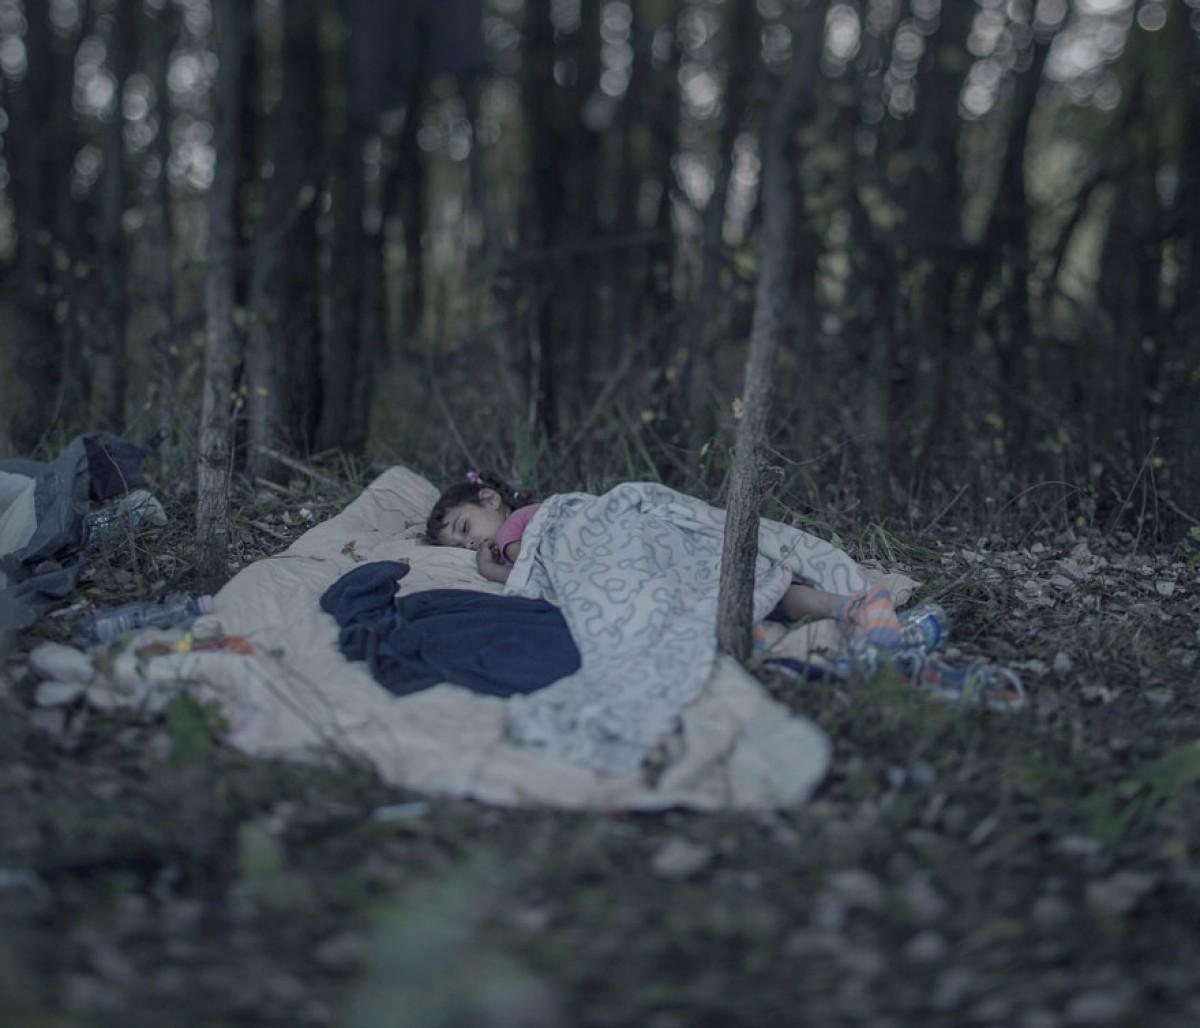 Εκεί όπου κοιμούνται τα προσφυγόπουλα της Συρίας…